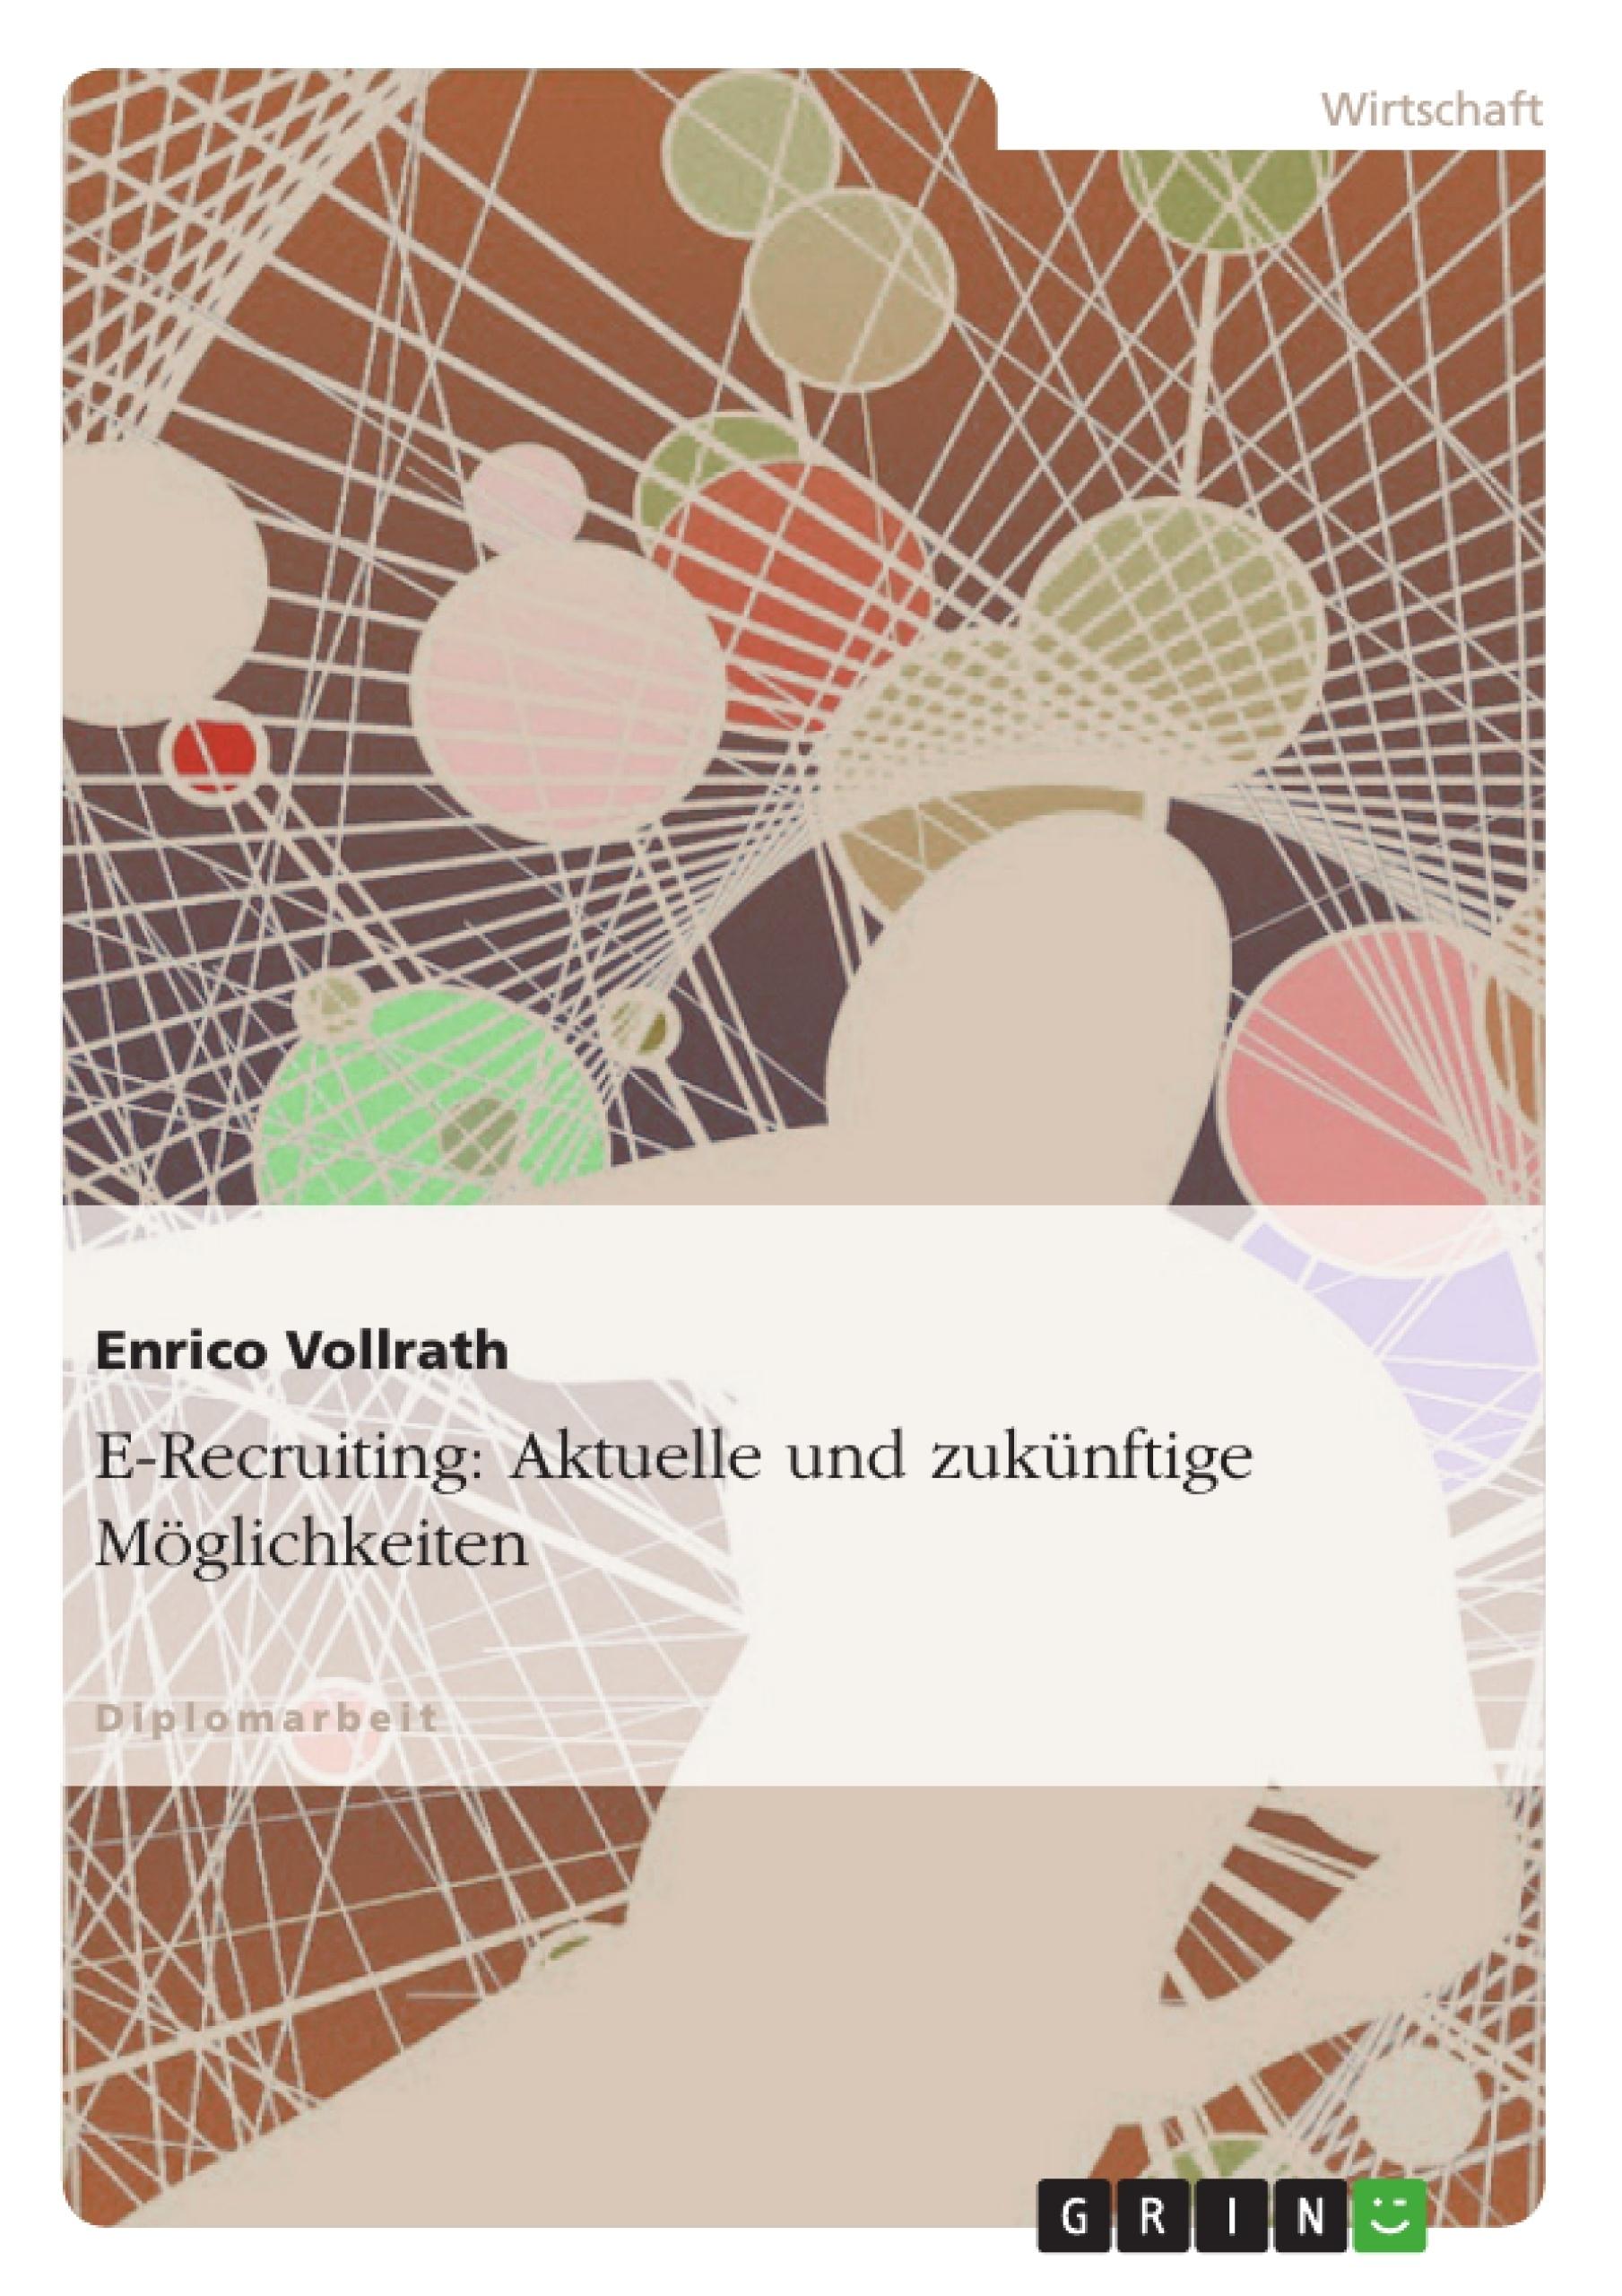 E-Recruiting: Aktuelle und zukünftige Möglichkeiten | Diplomarbeiten24.de